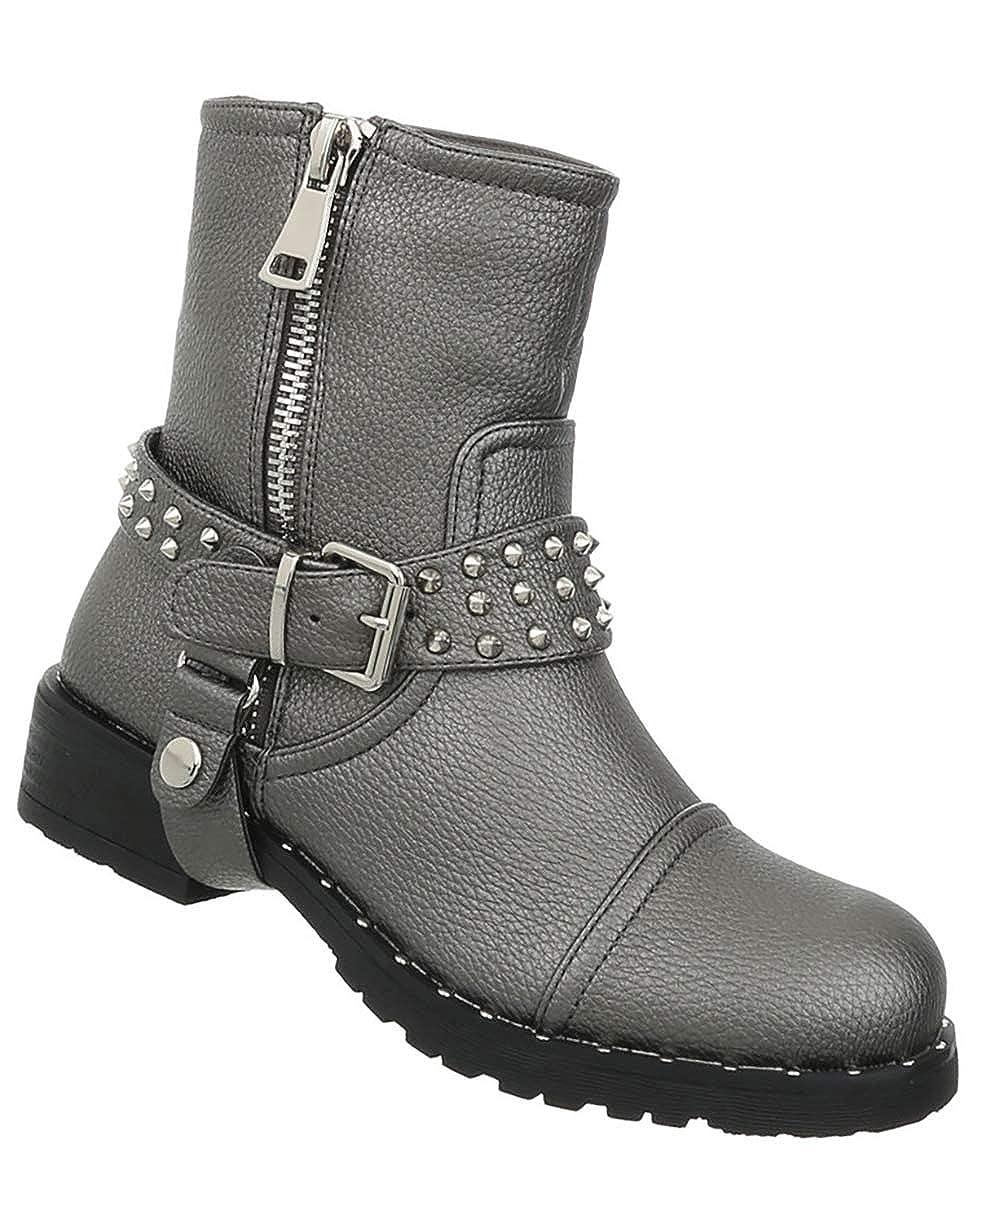 Damen Schuhe Stiefeletten Bequeme Übergangsstiefel Kurze Stiefel Blockabsatz Stiefelies 36-41